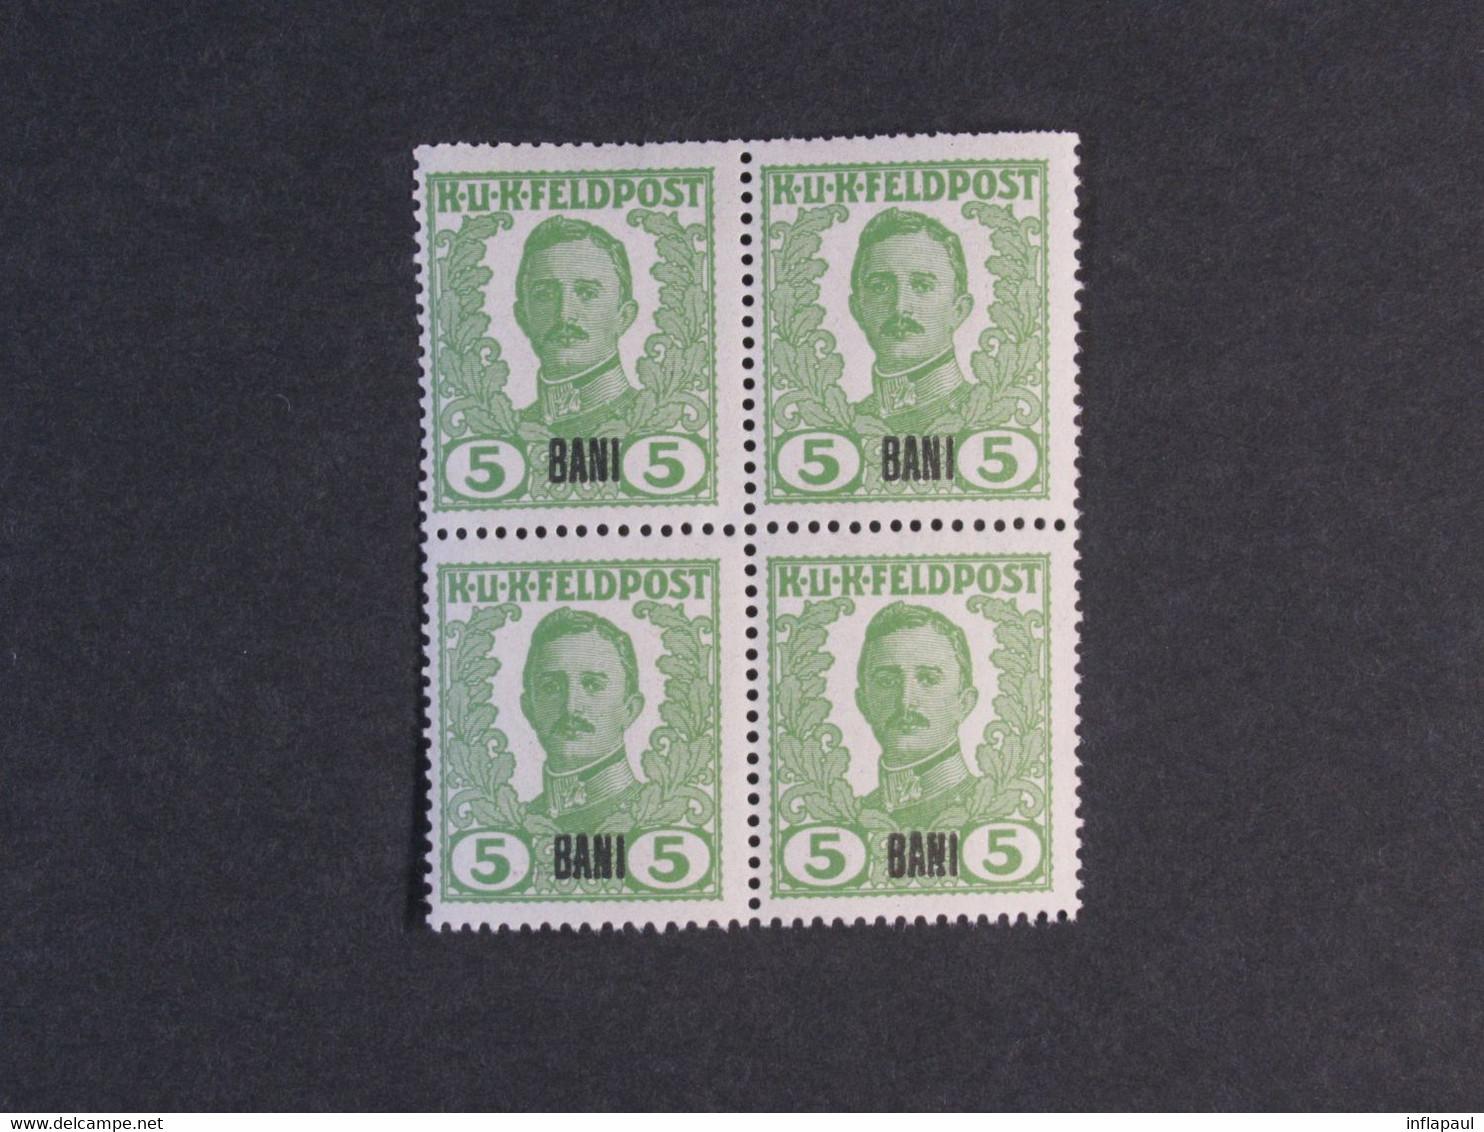 Unverausgabte Österreichisch - Ungarische  Feldpostmarken ** Für Rumänien In  Viererblöcken,Teilserie 6800,00 € - Ongebruikt